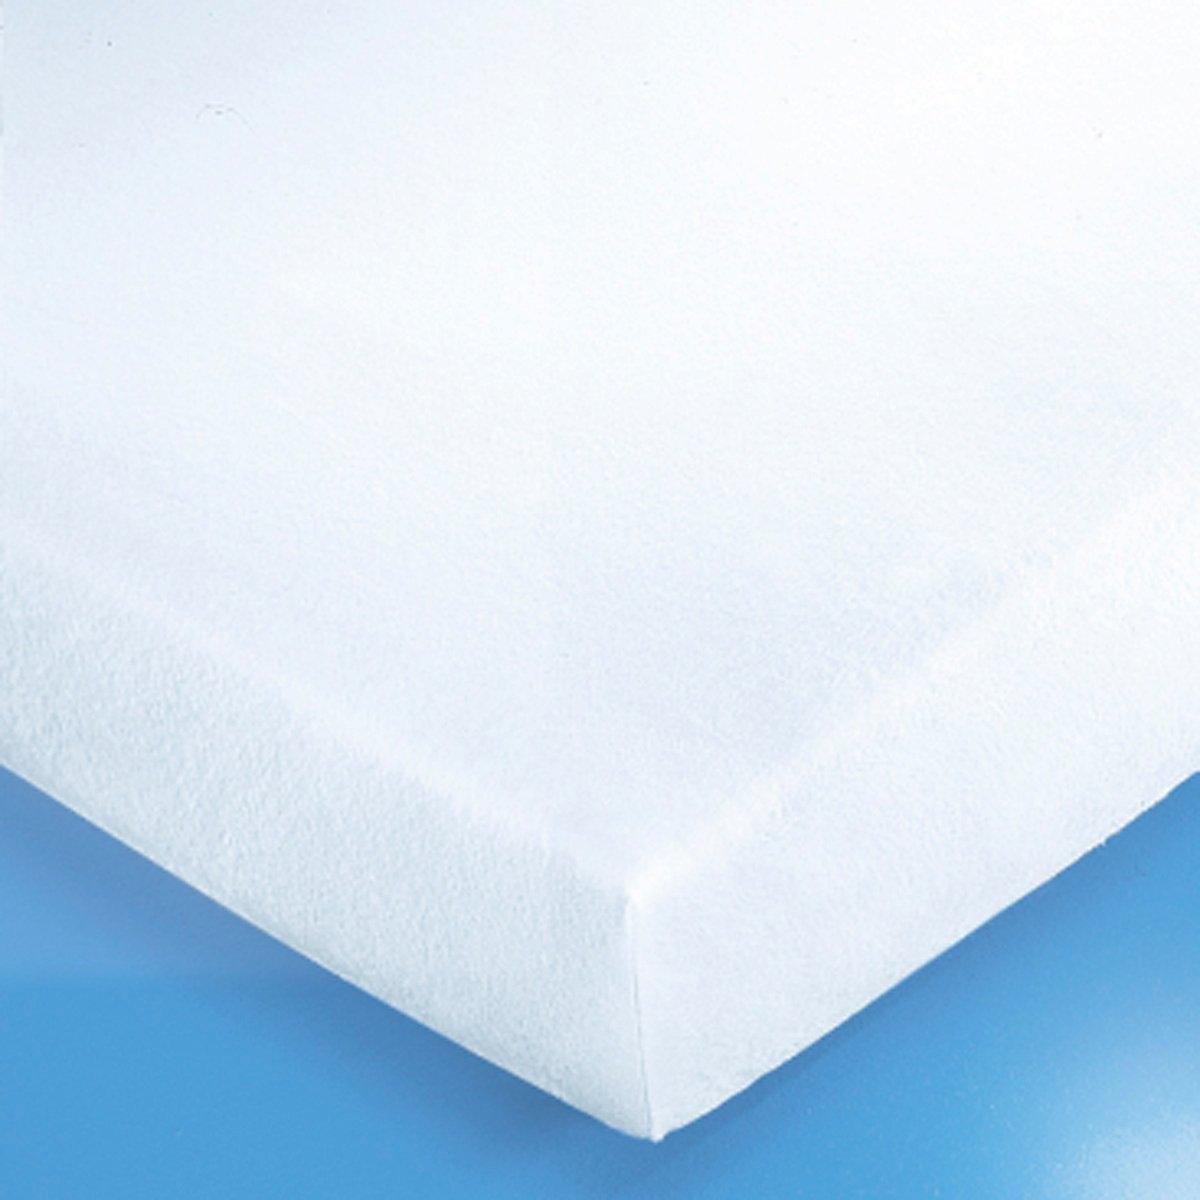 Чехол защитный для матраса, 220 г/м?Качество VALEUR S?RE. Подарите себе надежную защиту и комфорт благодаря защитному чехлу для матраса! Он выводит влагу, выделяемую телом во время сна, и защищает матрас от разводов, клещей и бактерий. Мягкий и прочный мольтон, 100% хлопка, 220 г/м?. Стирка при 95°, обработка SANFOR против усадки. 4 эластичных угла (высота 27 см). Длина 200 см.<br><br>Цвет: белый<br>Размер: 180 x 200 см